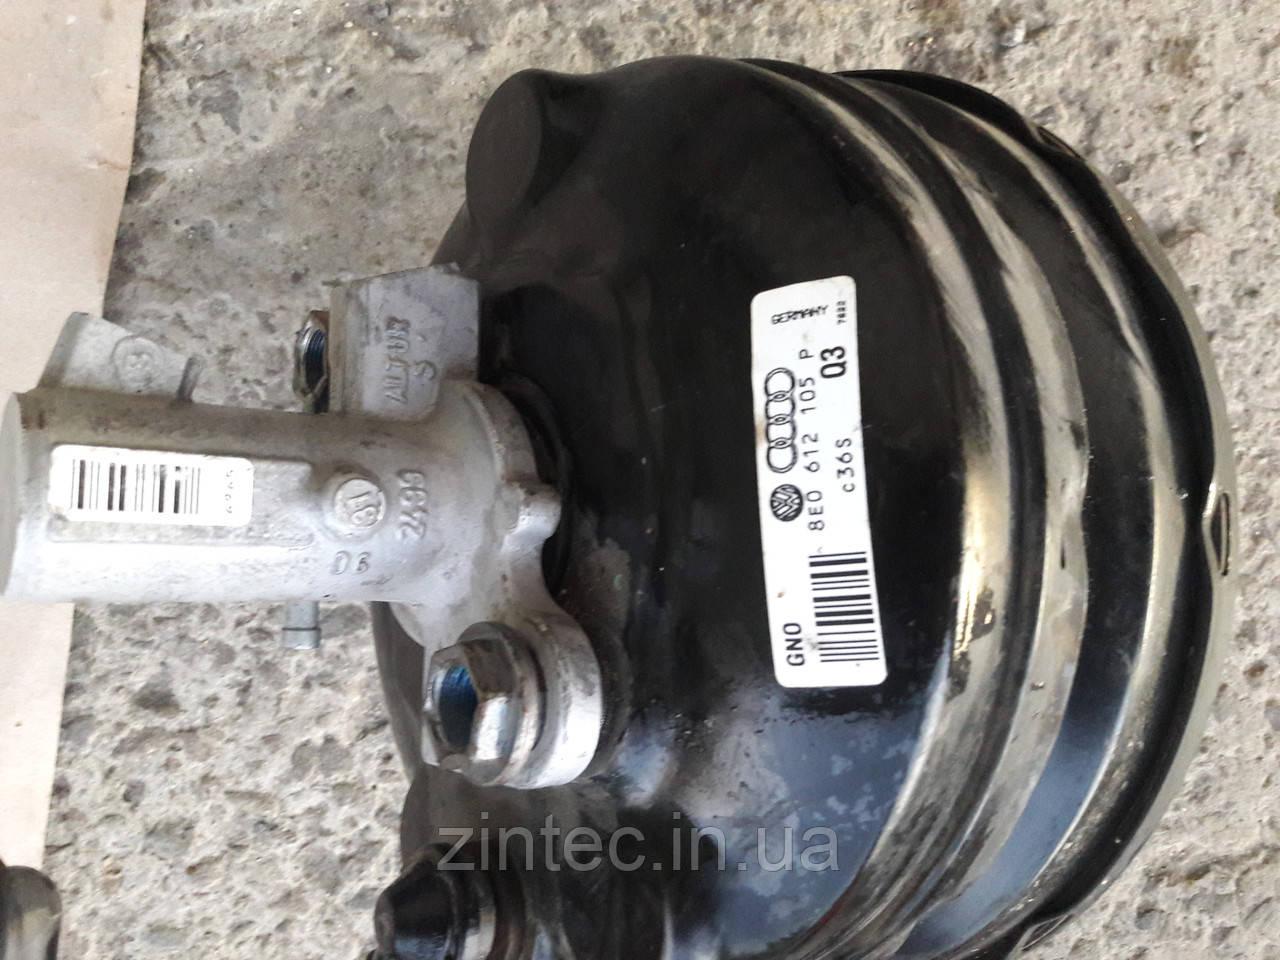 Вакумный усилитель (рулевое управление) на AUDI A4 2007г. тел.0995454777